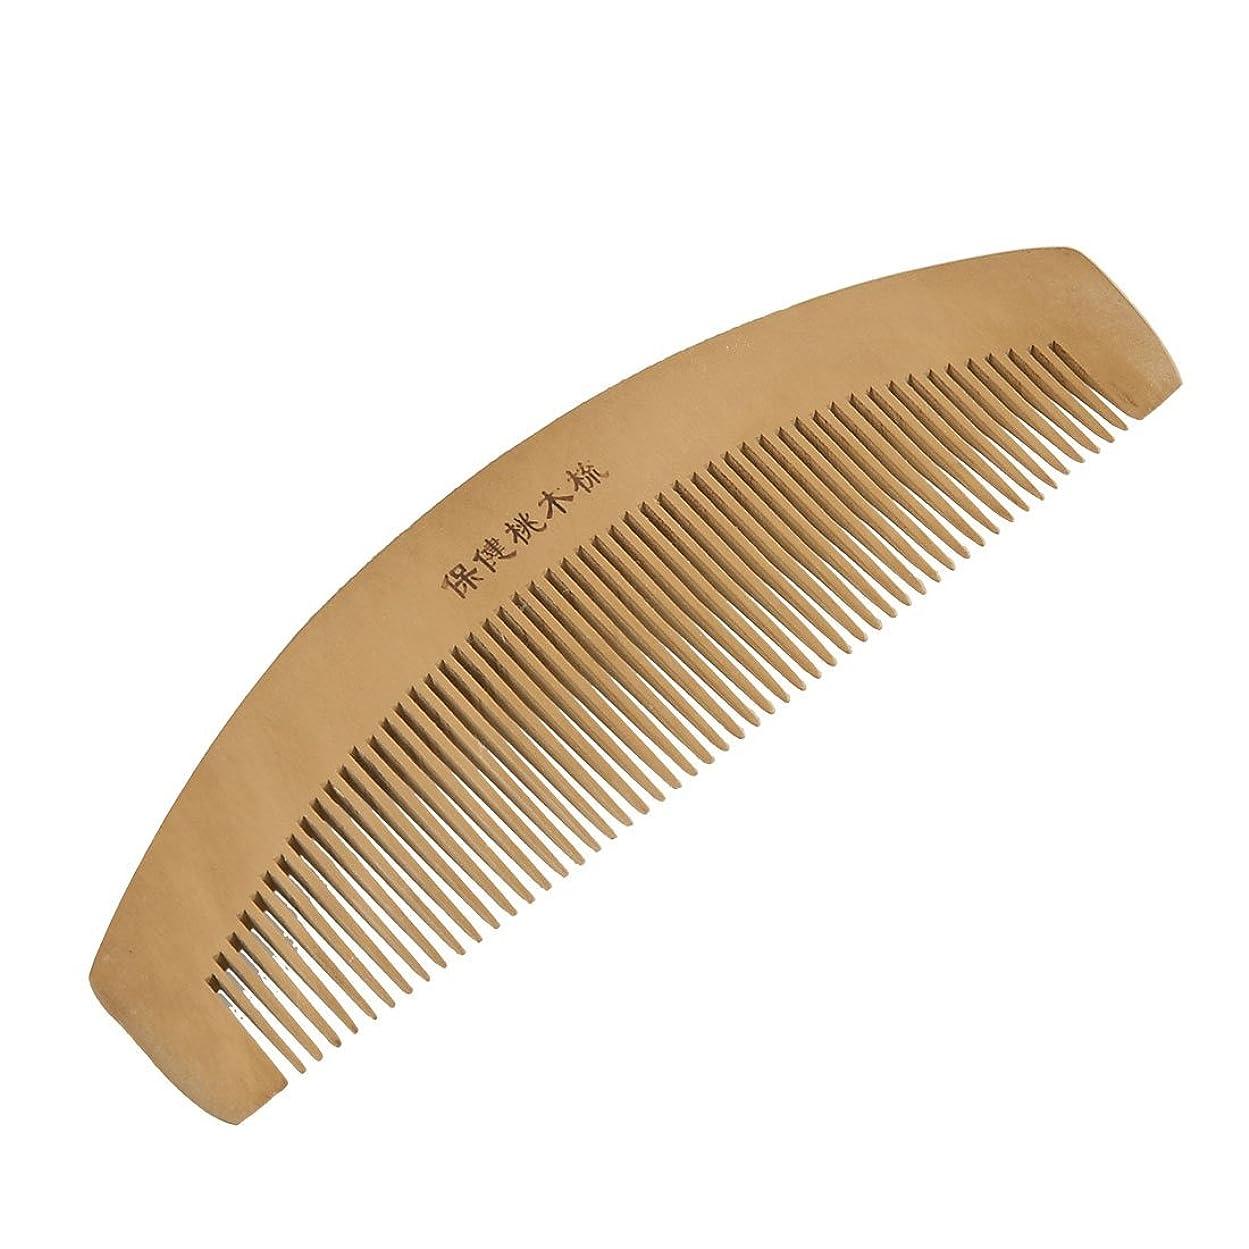 圧縮されたドレインずるいuxcell ヘアコーム 櫛 ヘアケア 16.5cm長 木製 レディー用